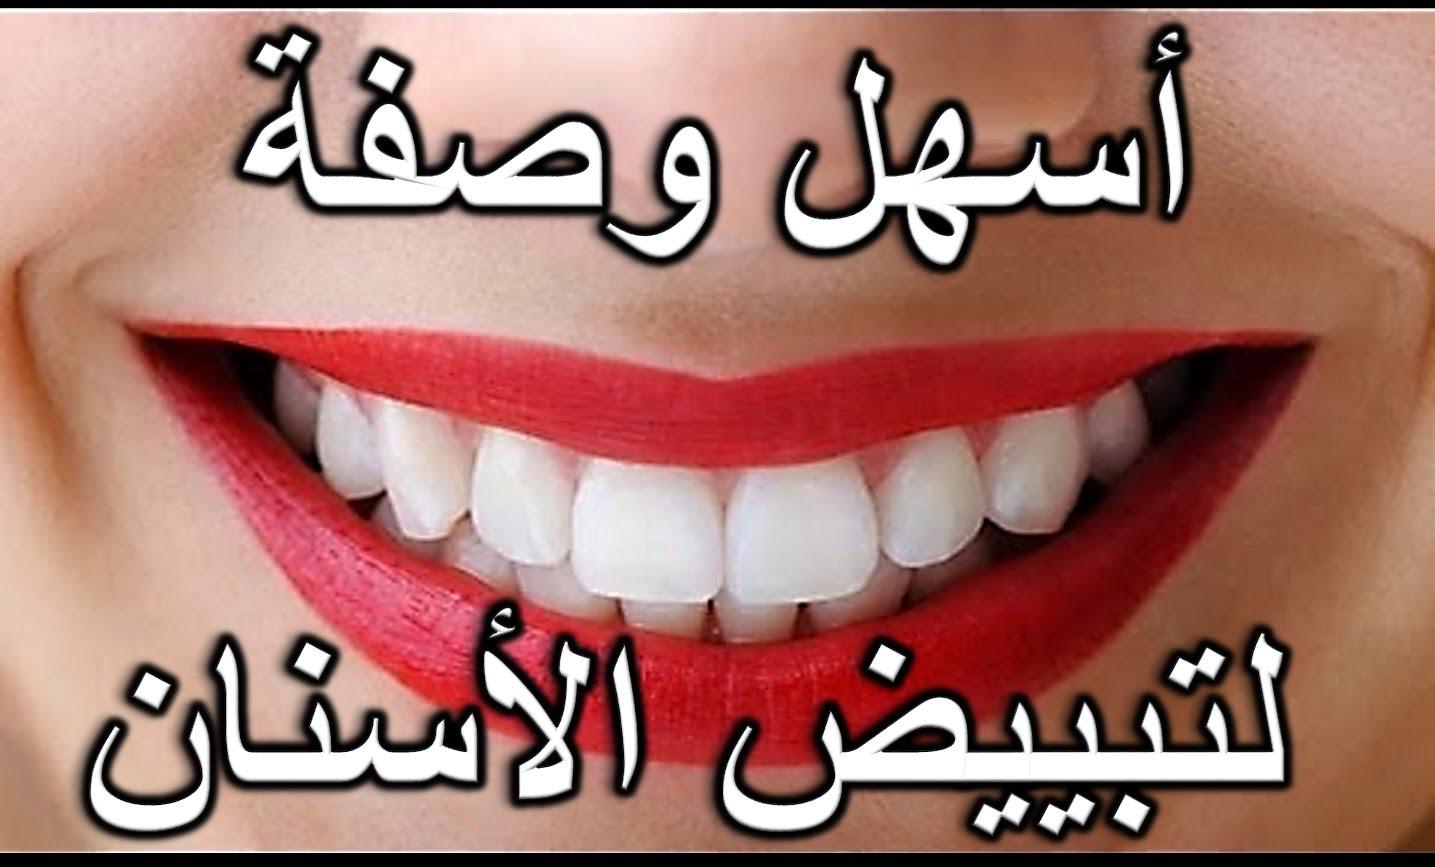 صوره علاج طبيعي لتبيض الاسنان